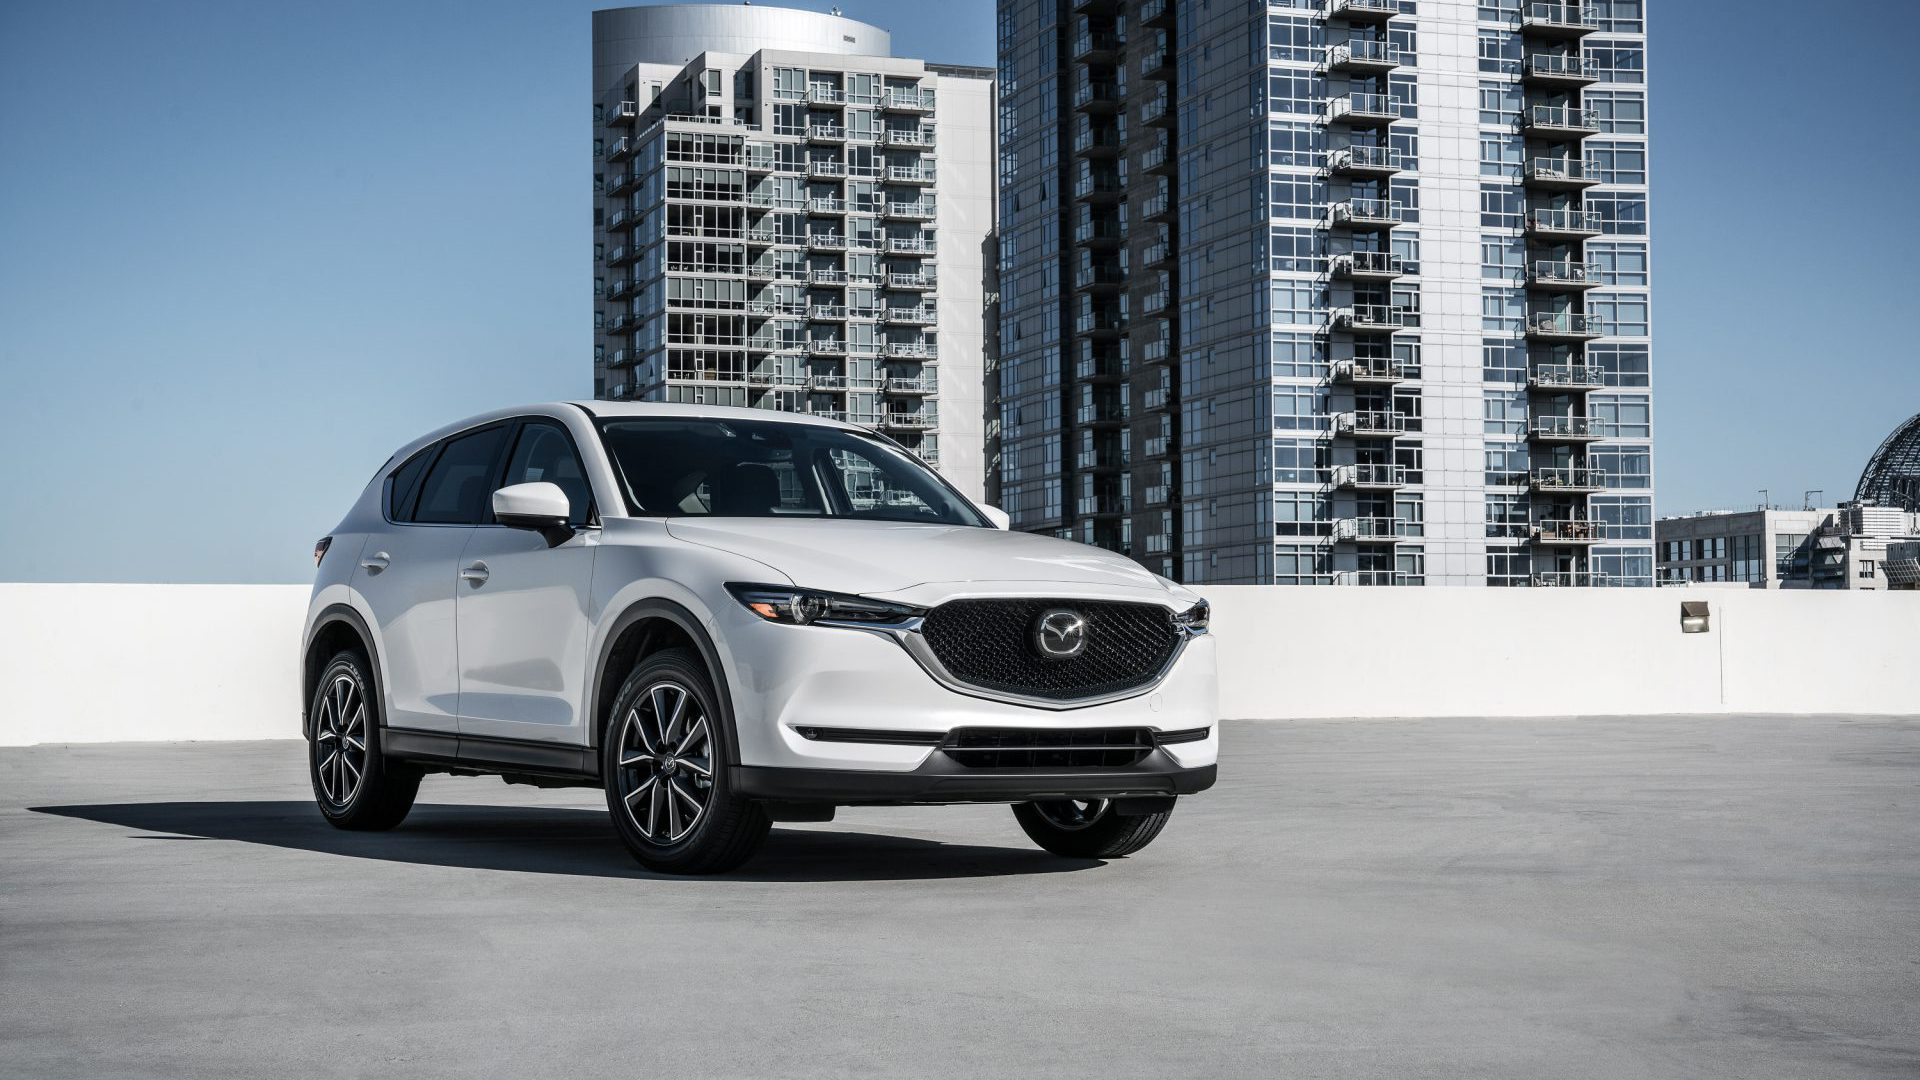 Mazda cx-5 2016, джип/suv 5 дв., 2 поколение, kf (11.2016 - н.в.) - технические характеристики и комплектации